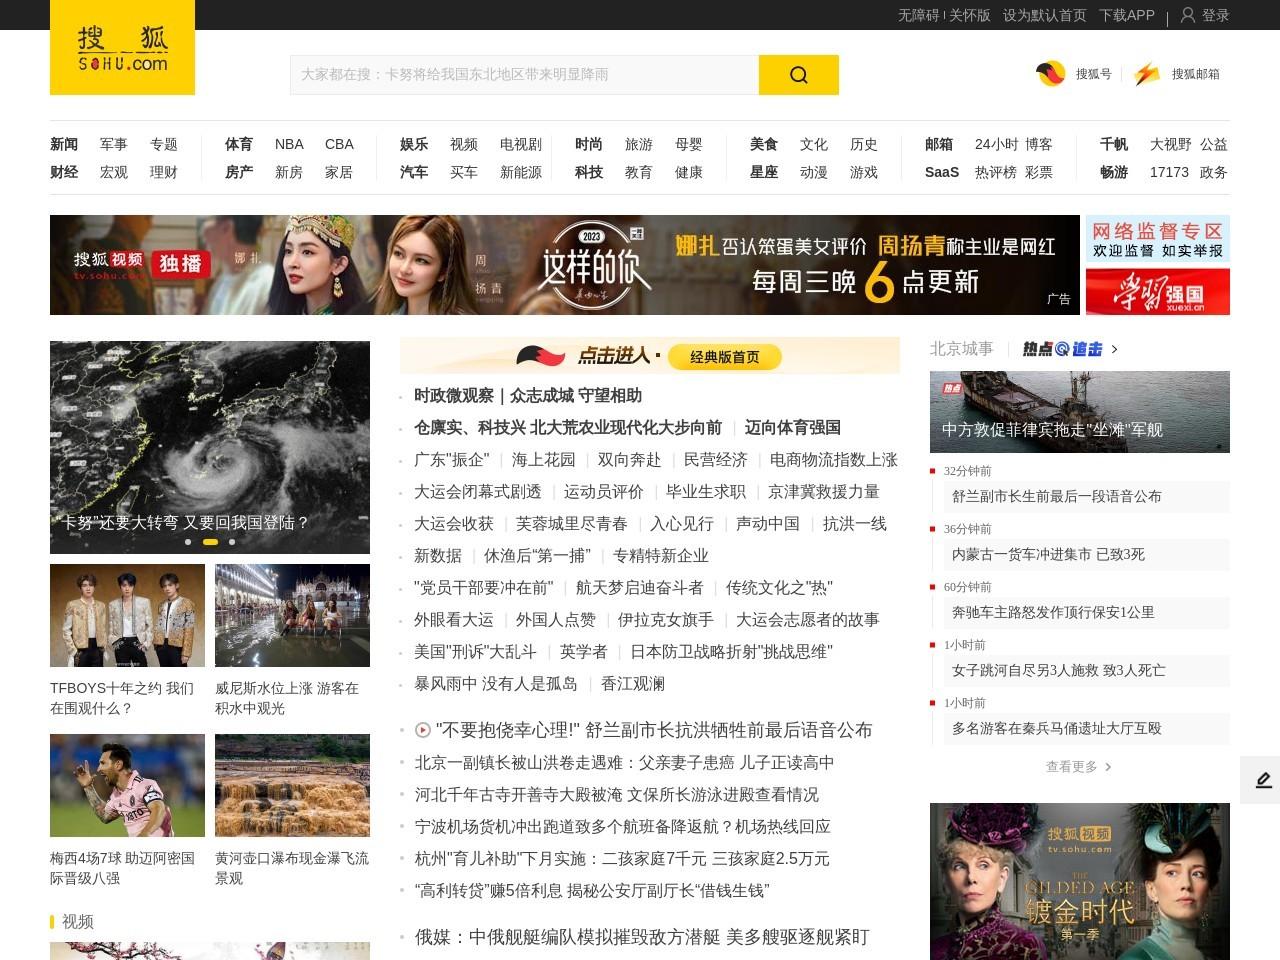 知情人还原广州特斯拉事故:方向盘无法回正特斯拉称尝试恢复数据_车主